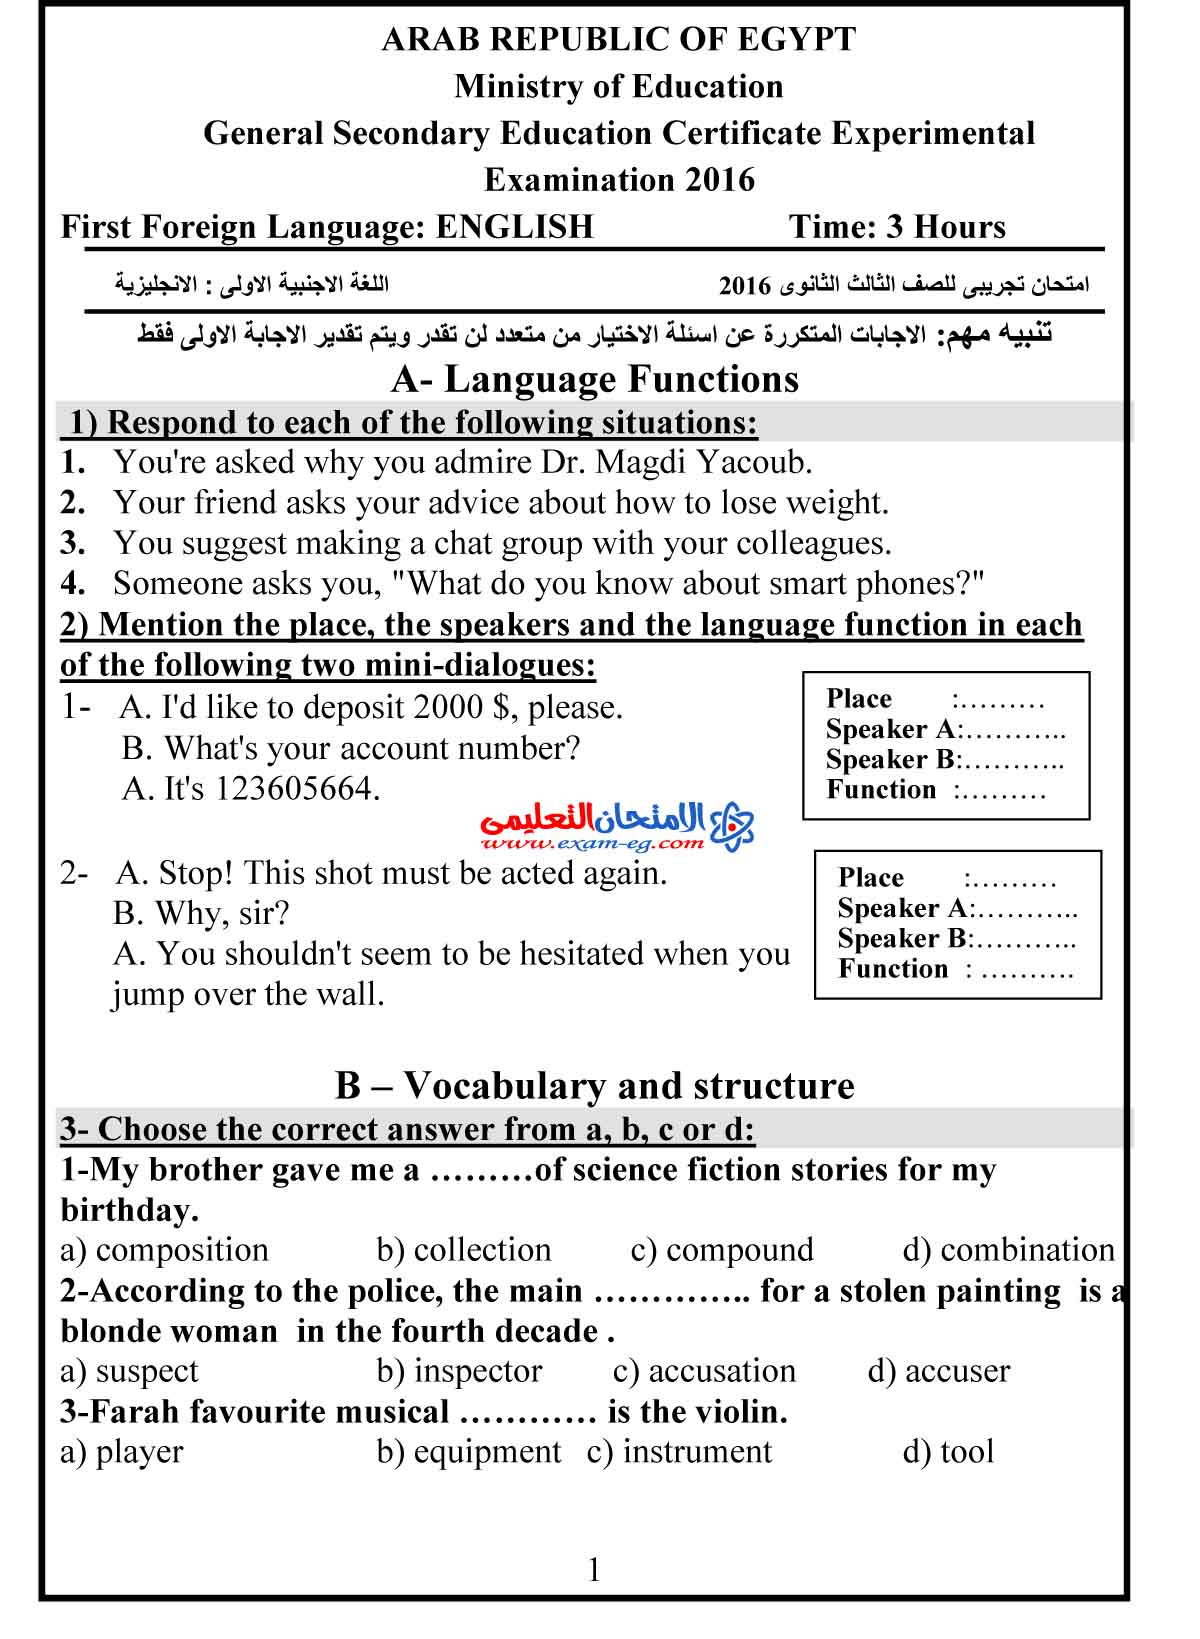 امتحان لغة انجليزية 4 - الامتحان التعليمى-1